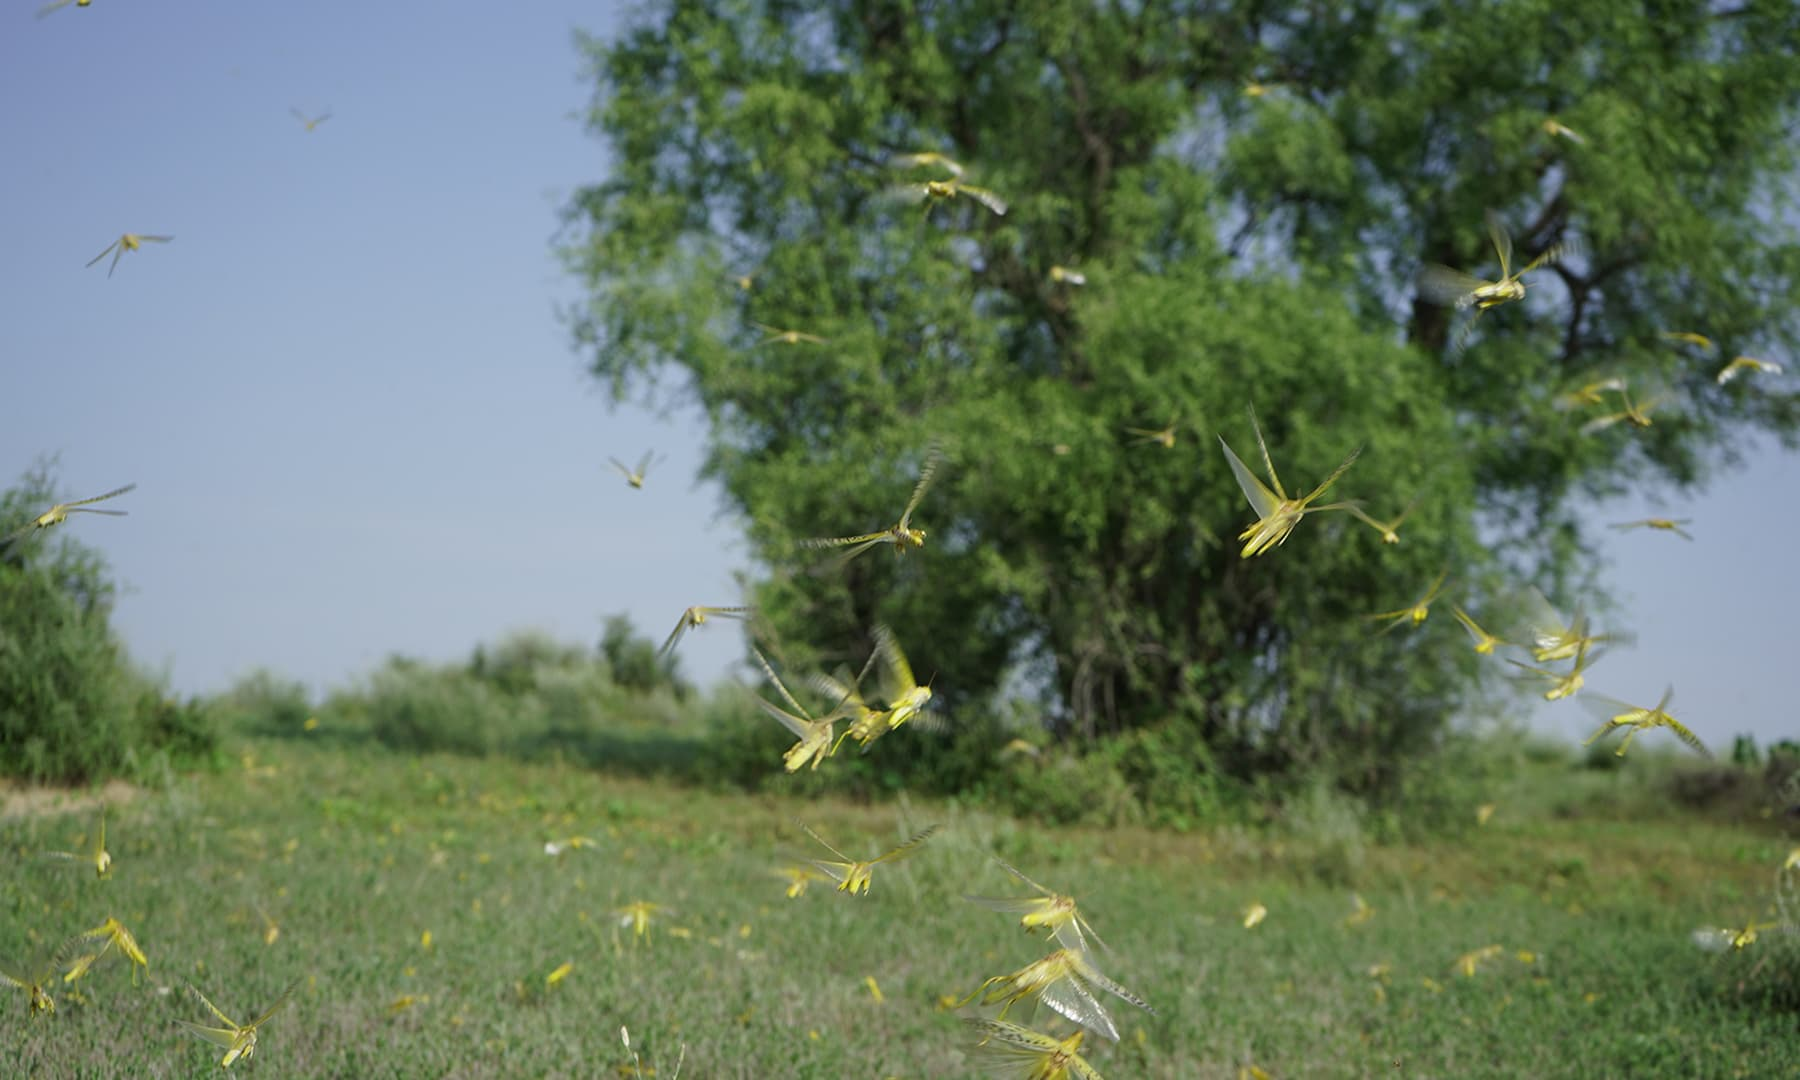 چھاچھرو کے قریبی علاقوں میں زرد رنگ کی ٹڈیاں کھیتوں کو نقصان پہنچا رہی ہیں